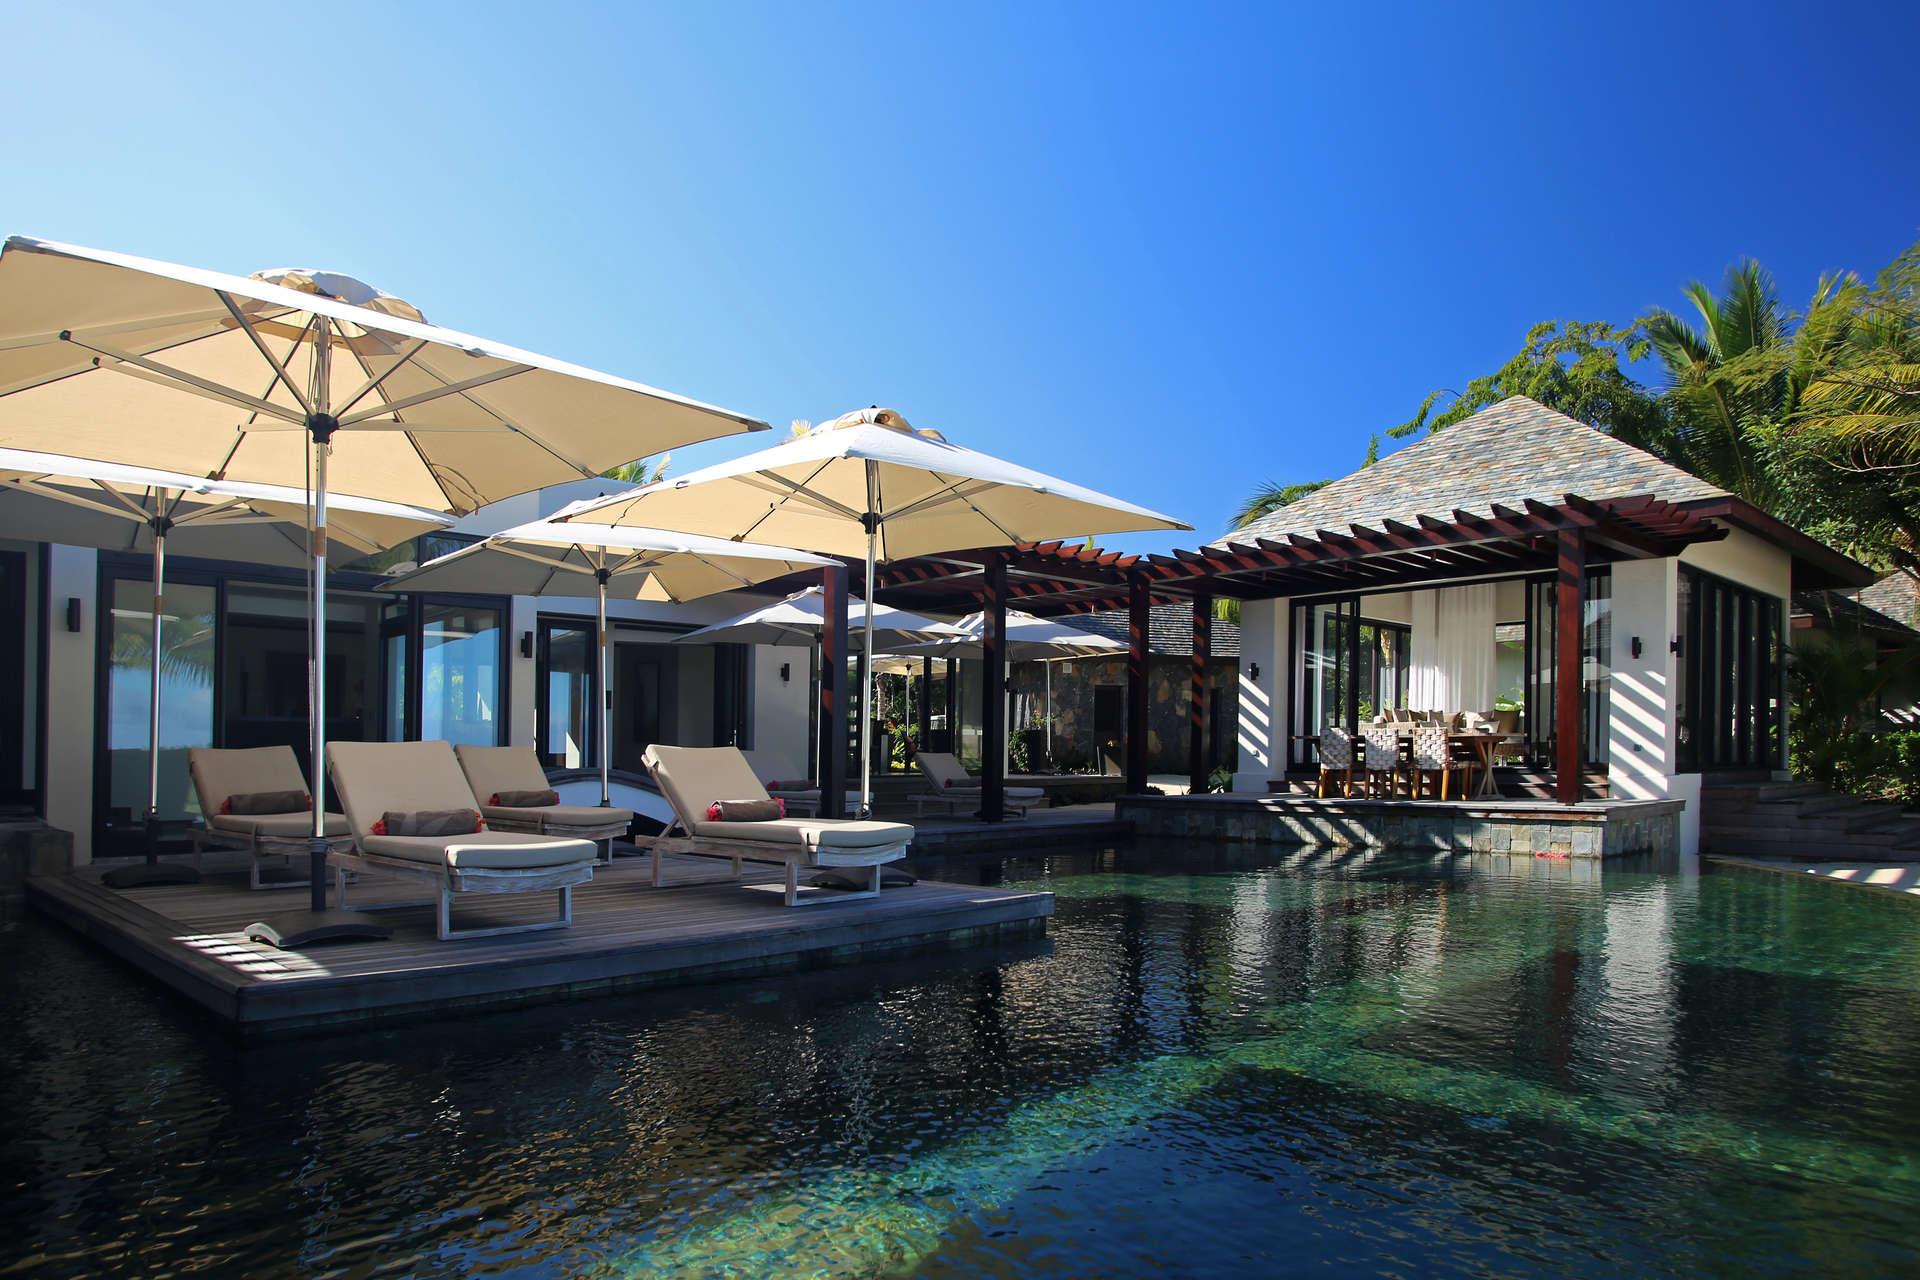 - Villa Lux2 - Image 1/18